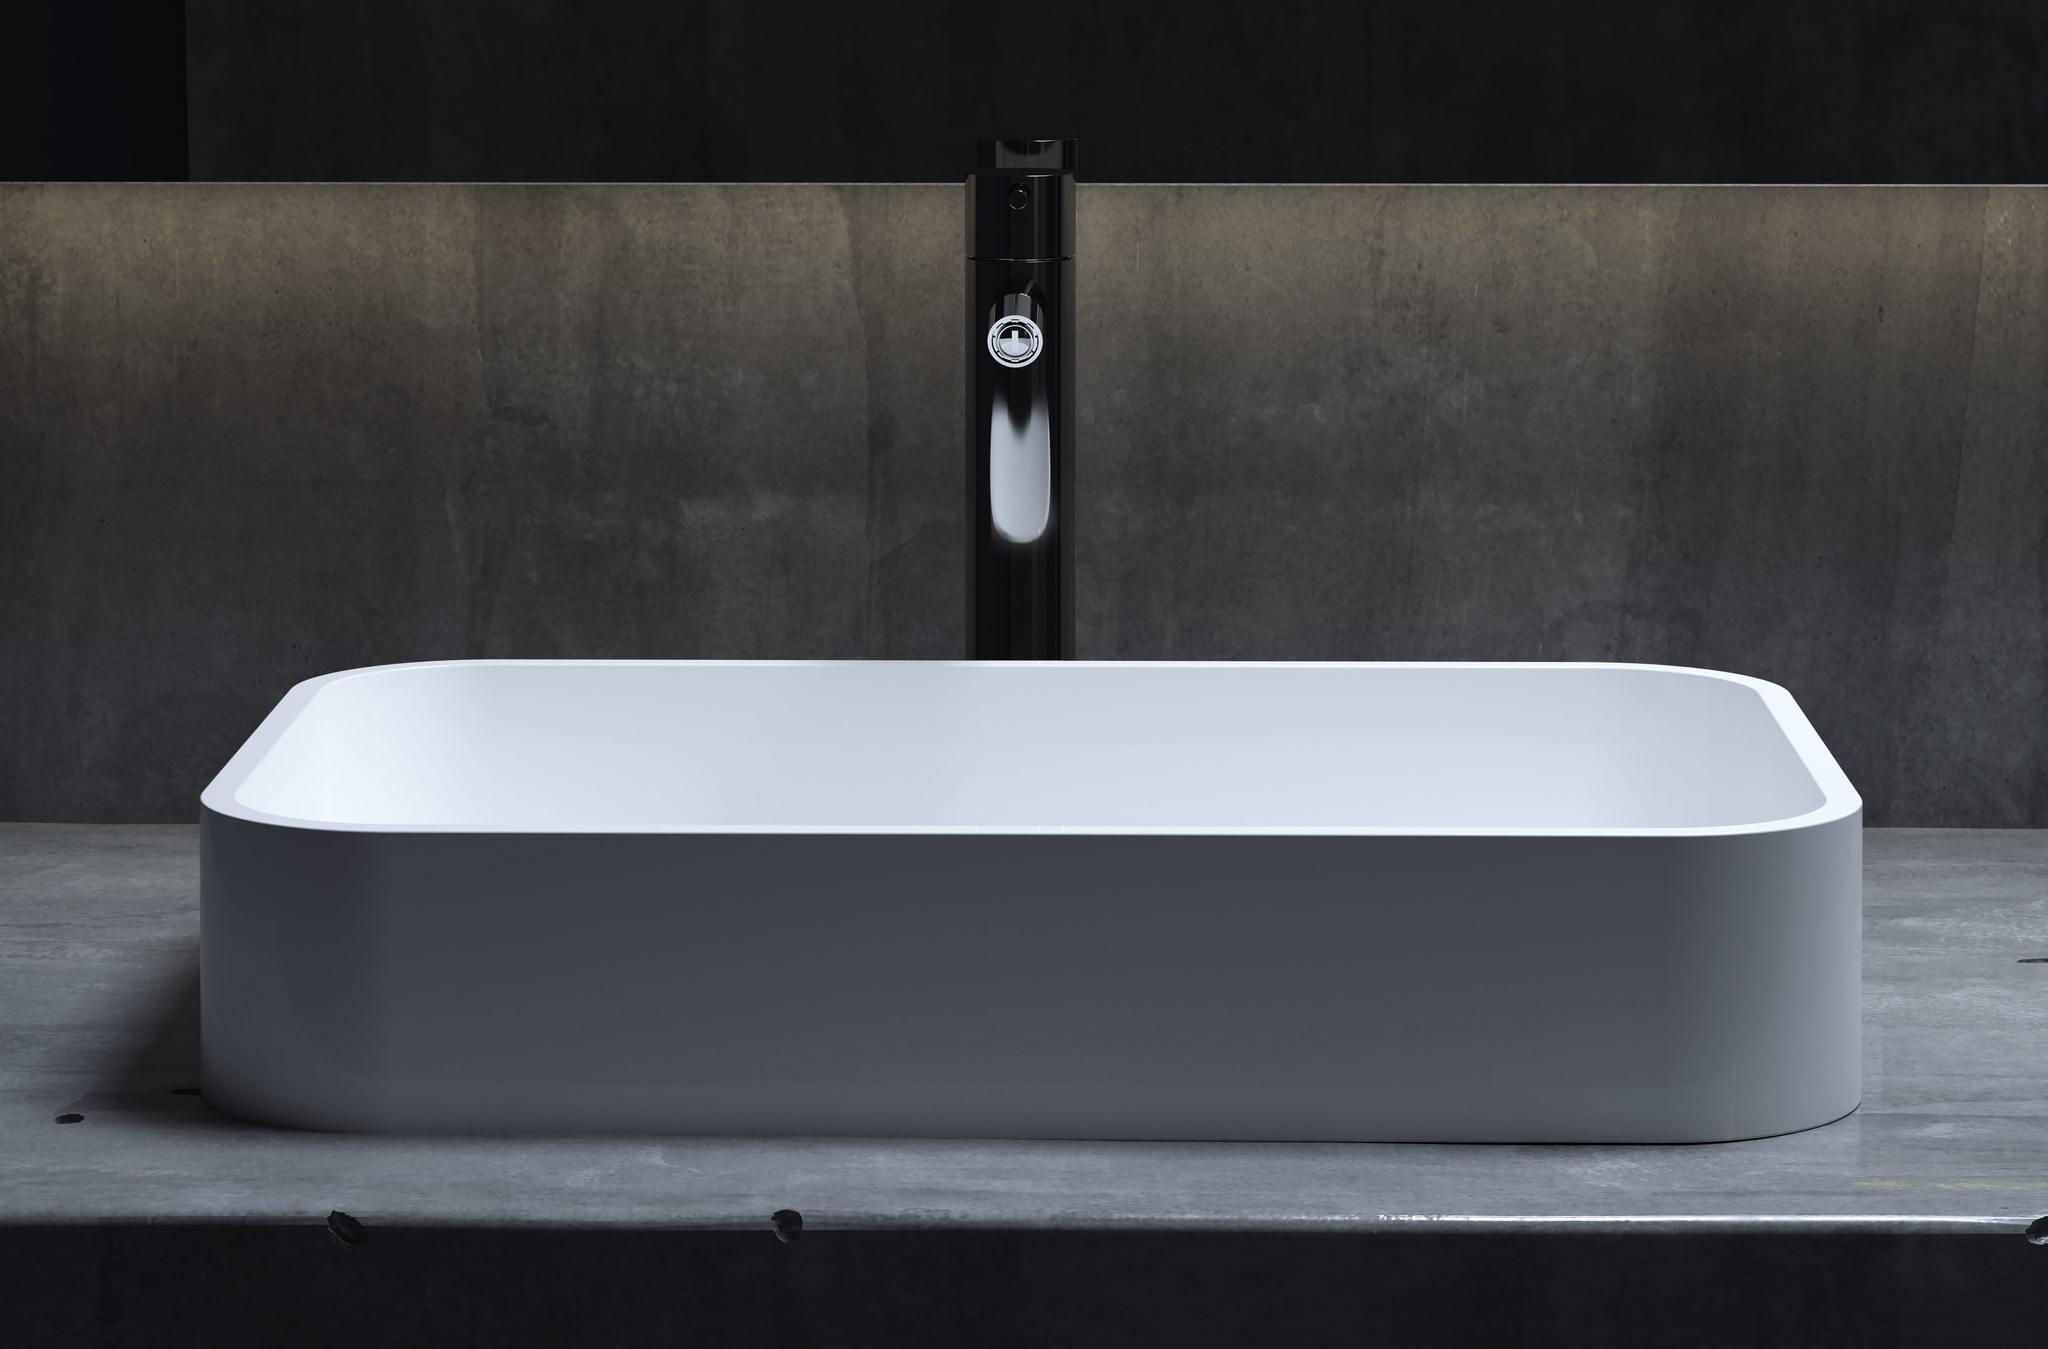 Накладная раковина из камня CALLISTA 104  S-Sense (SAPIRIT)  ГЛЯНЕЦ 545х350х100 мм